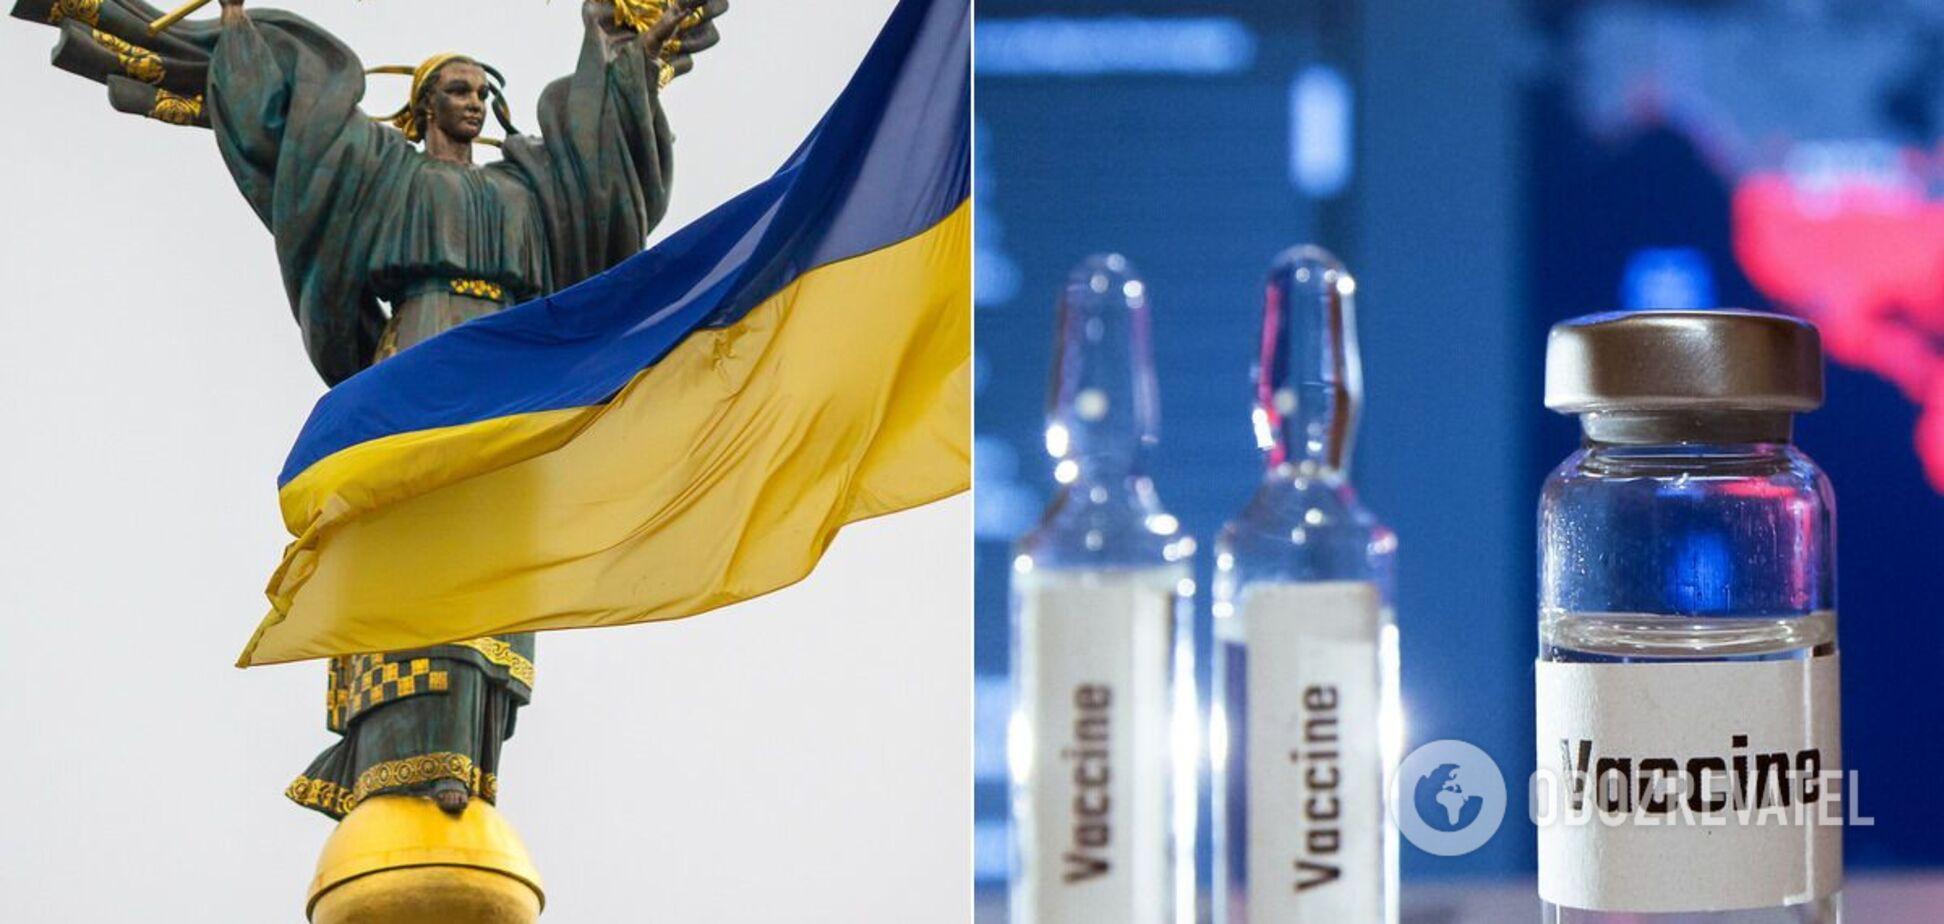 Відповідальна влада та принципова опозиція у ковідній країні: як це?